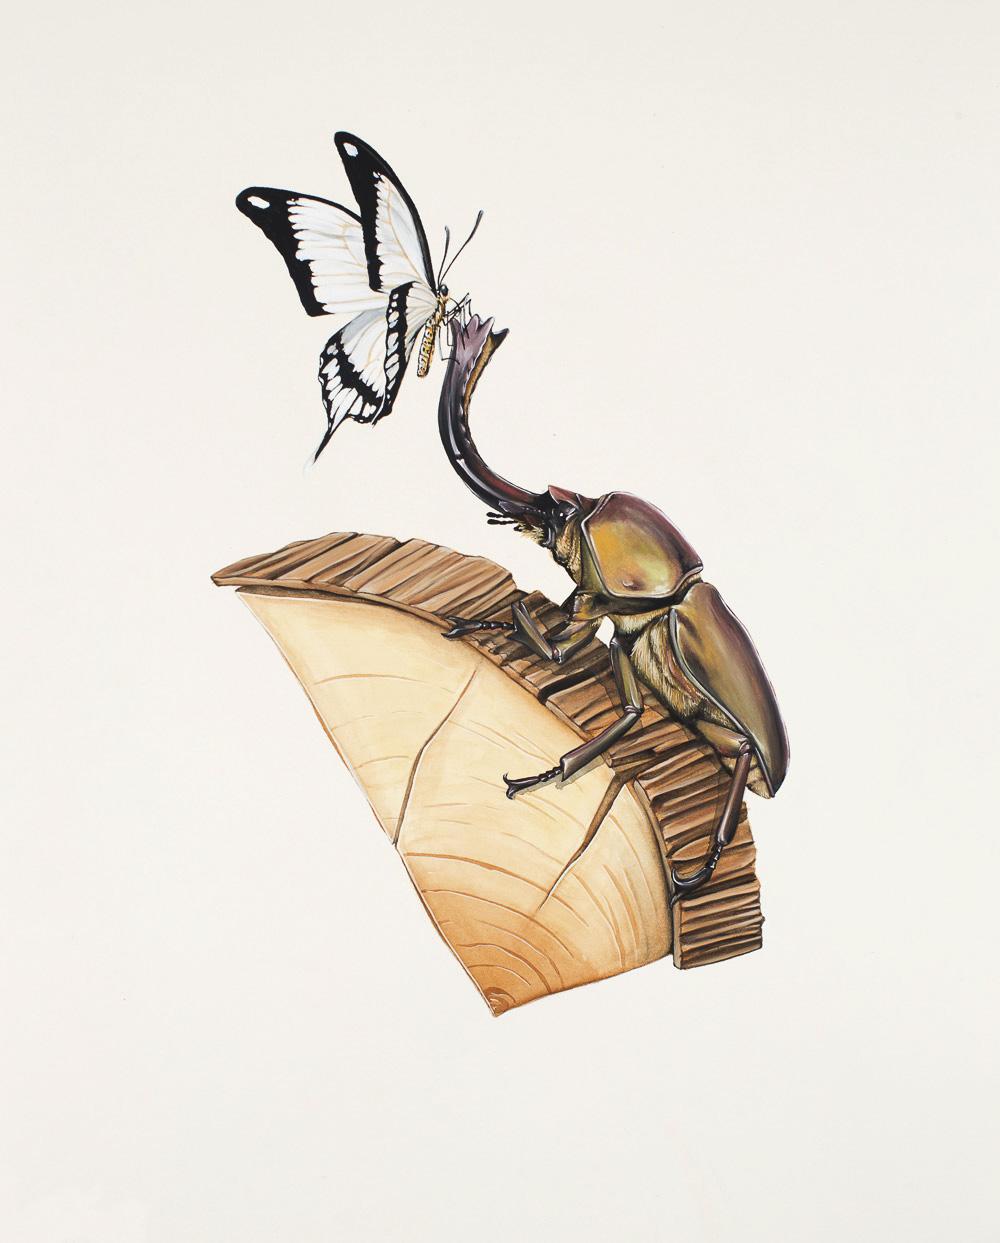 'Antler Beetle on Wood 2'